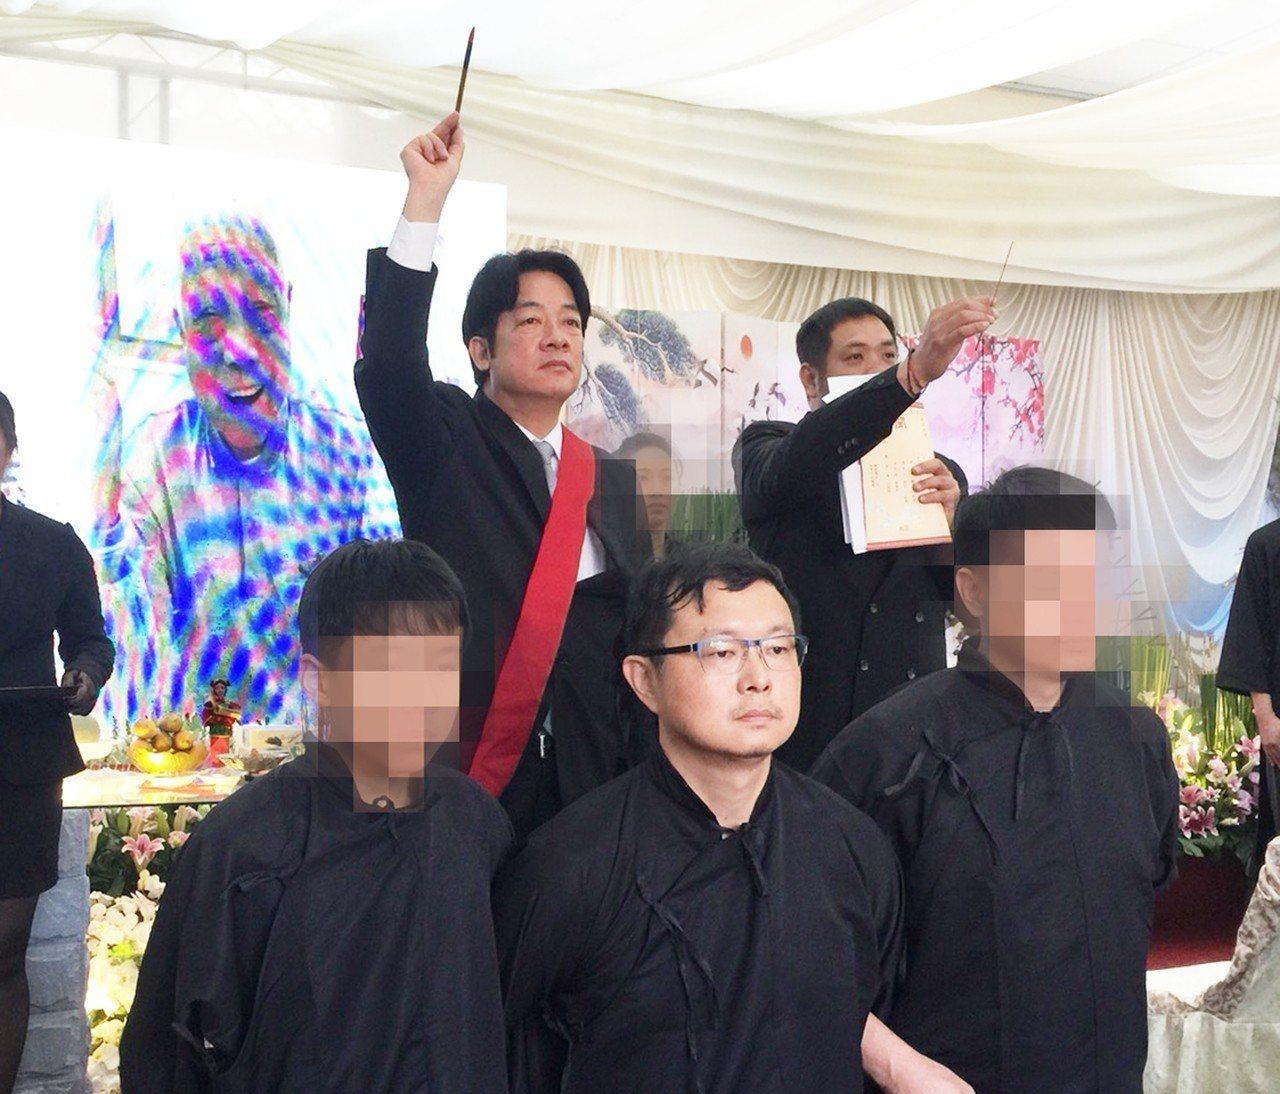 告別式的中的「點主」儀式,有時會請地方首長、官員擔任「點主官」,家屬跪地雙手向後...